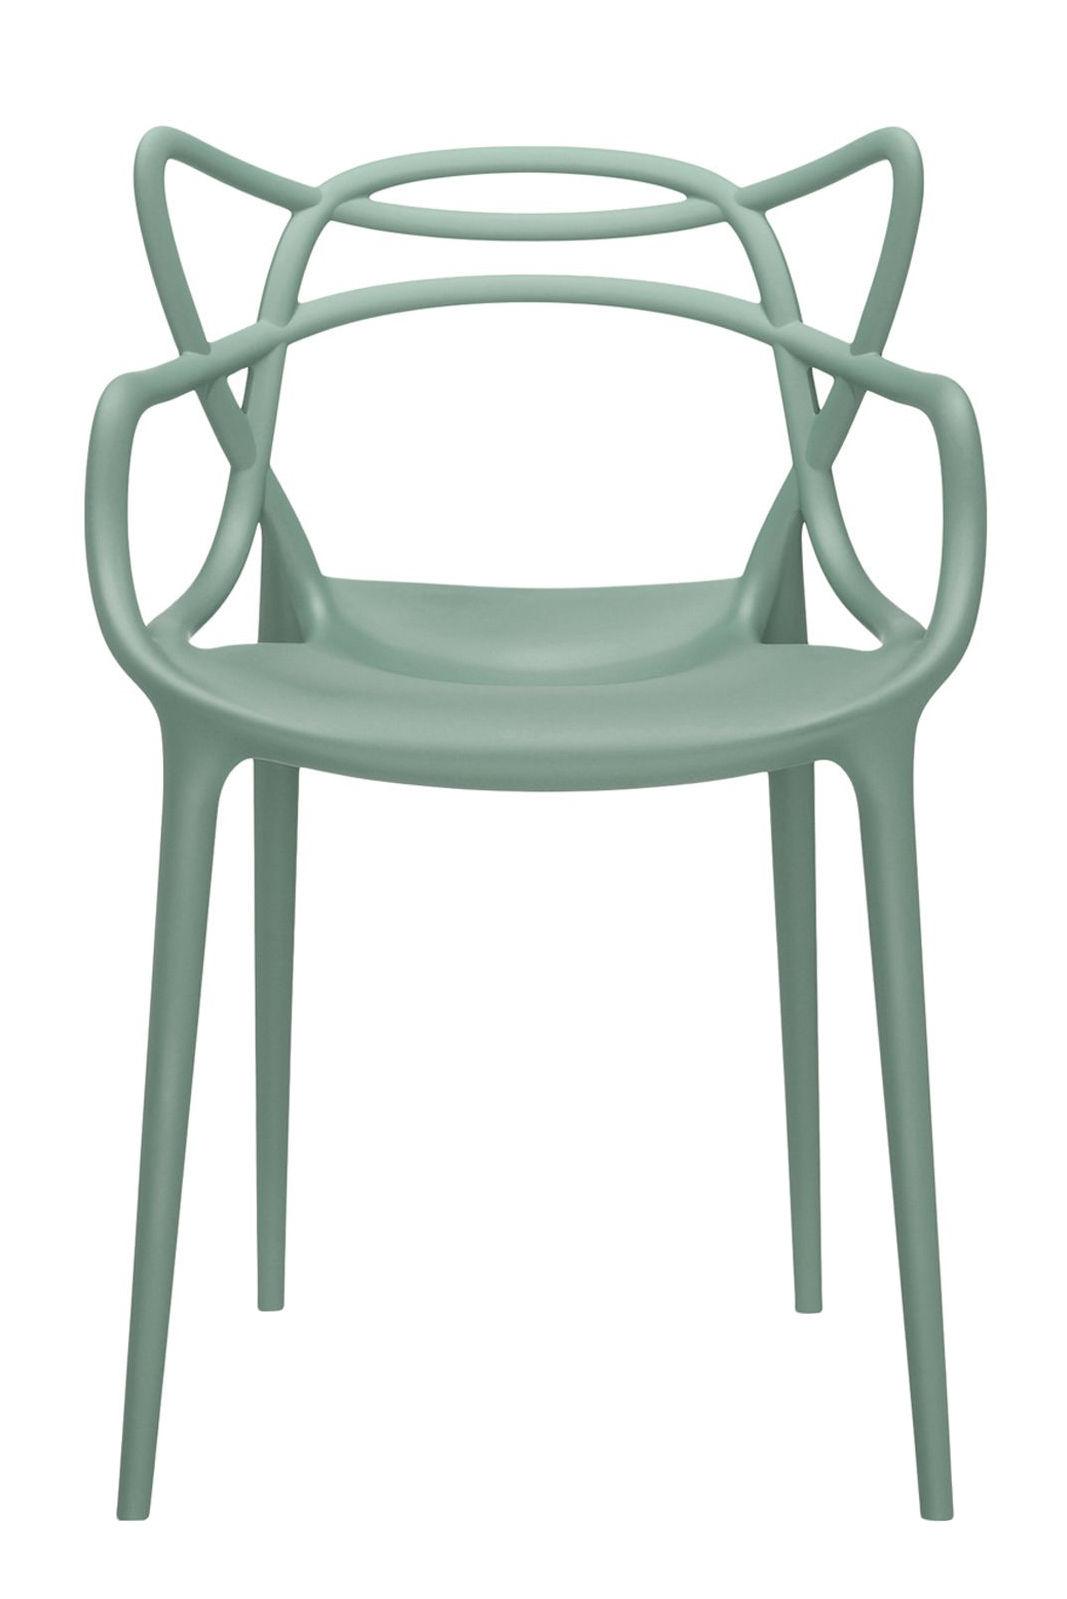 fauteuil empilable masters plastique vert sauge kartell. Black Bedroom Furniture Sets. Home Design Ideas